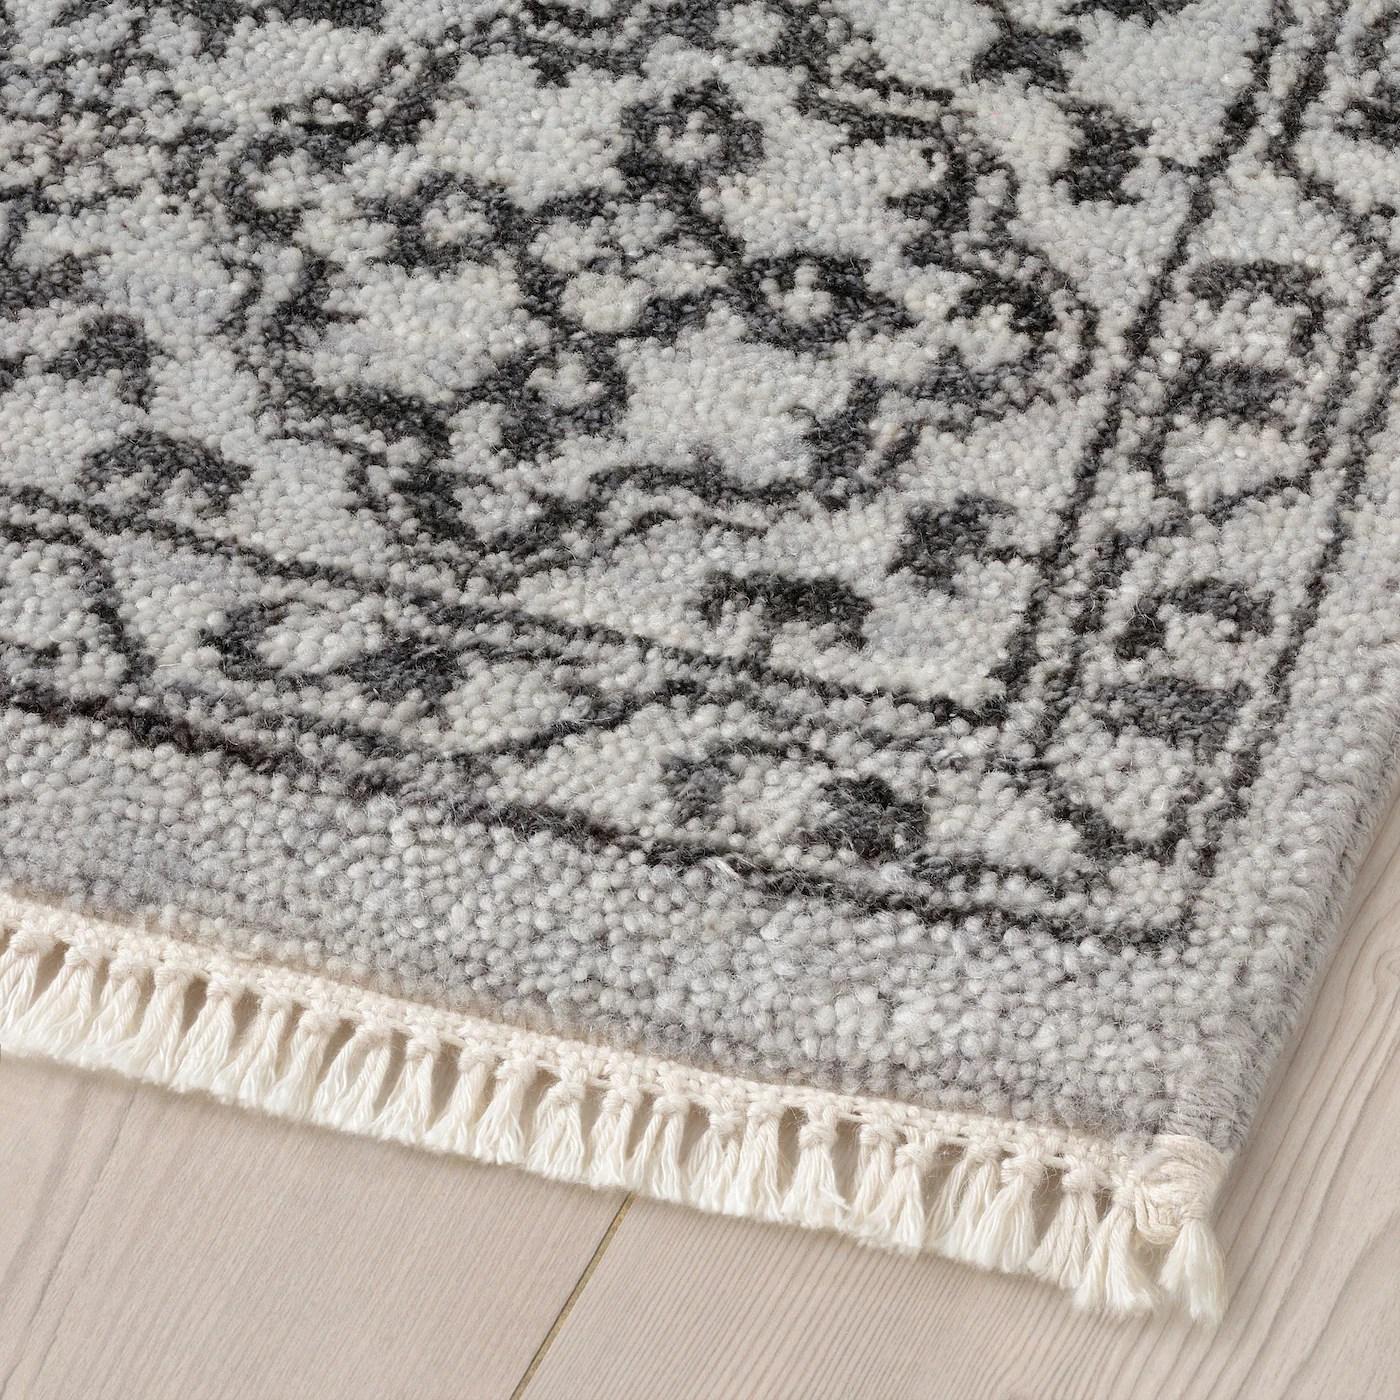 hirtshals tapis poils ras fait main gris argent noir 5 3 x7 7 160x230 cm